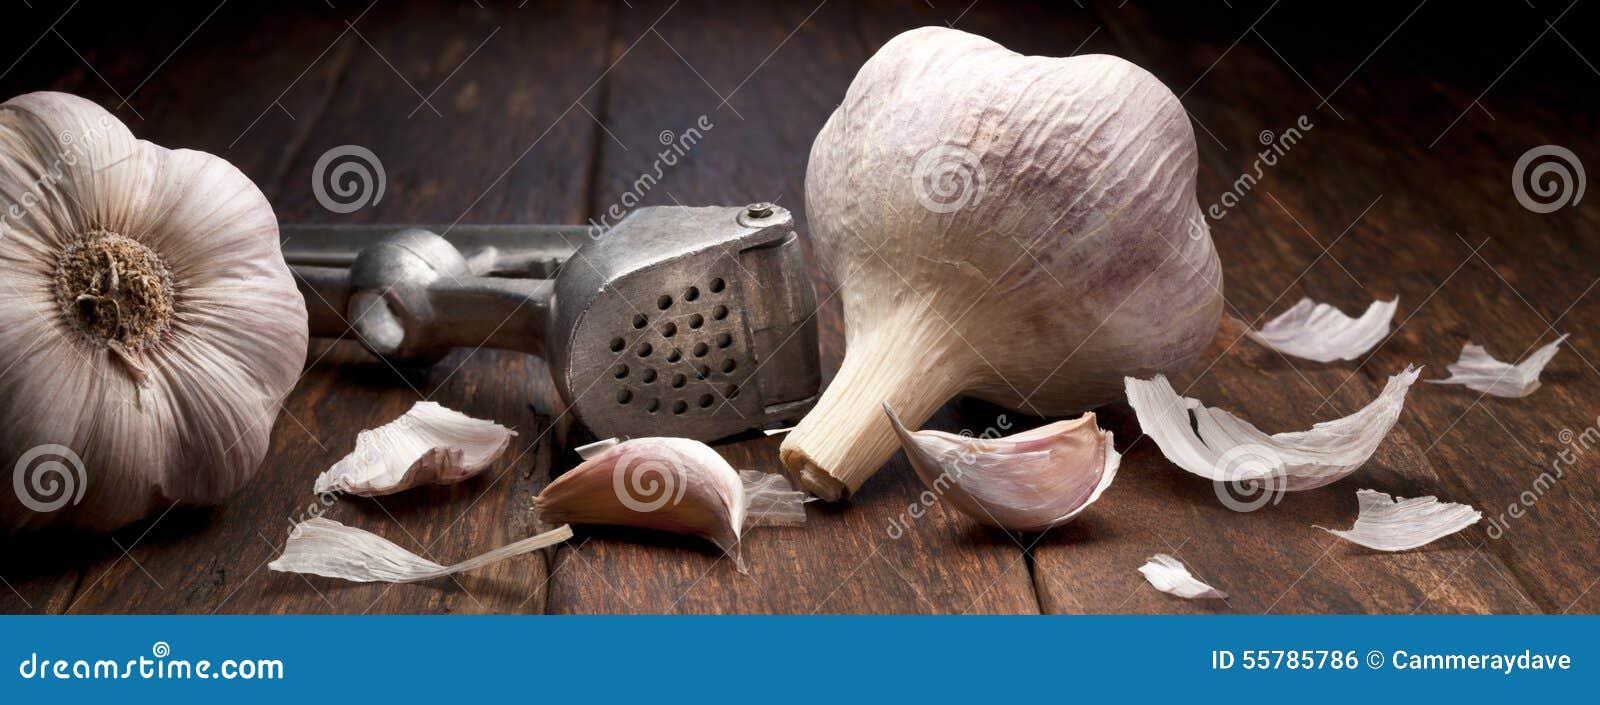 Garlic Press Background